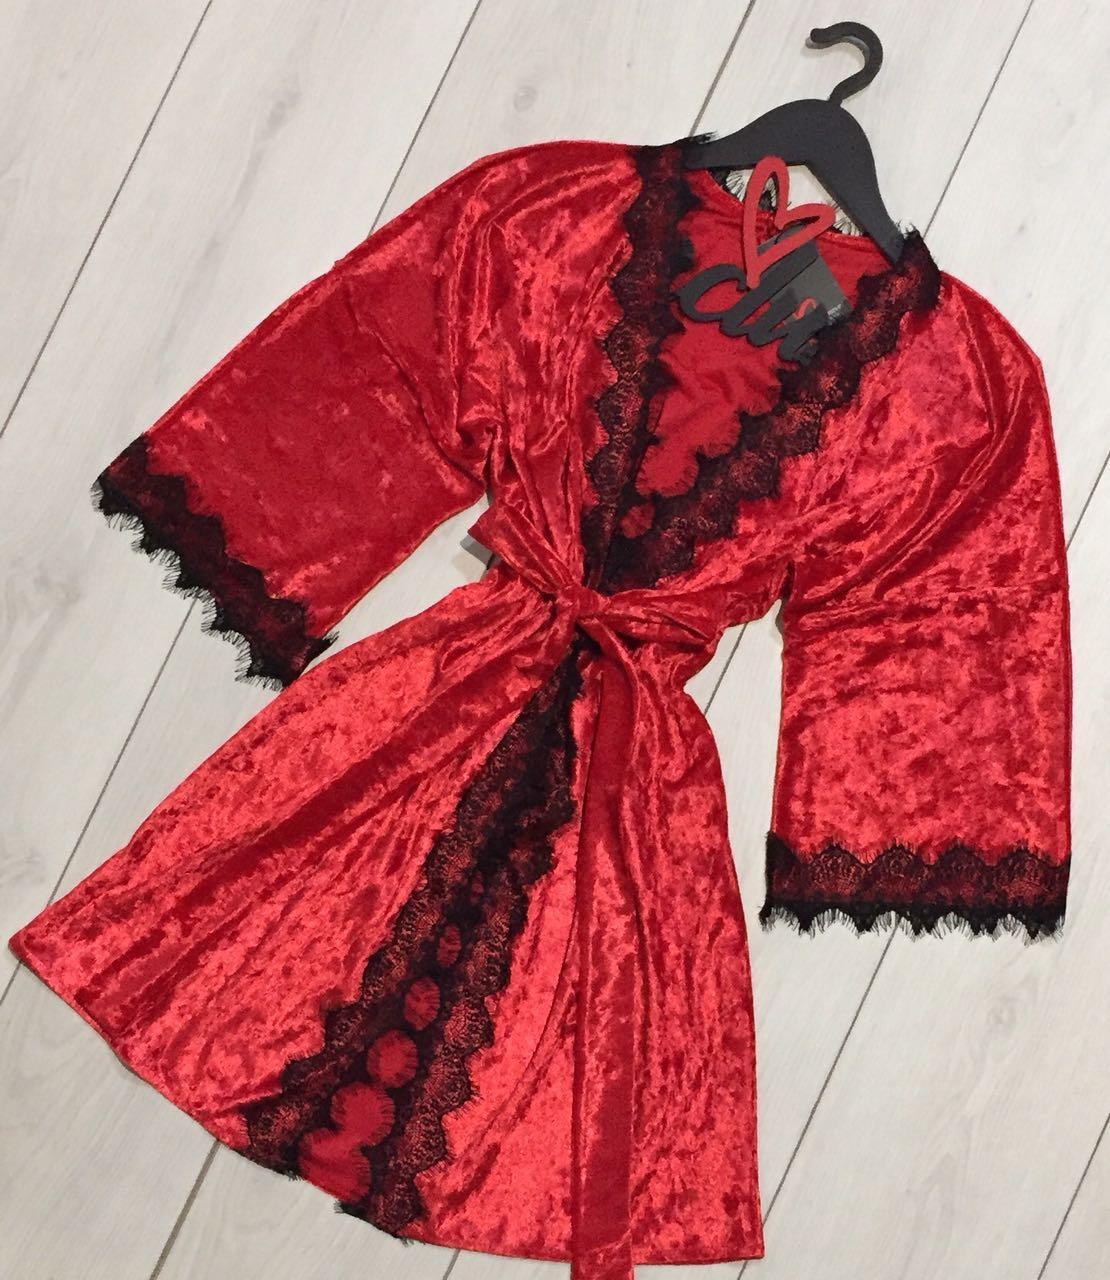 Красный велюровый халат с кружевом ТМ Exclusive, женские халаты для дома.